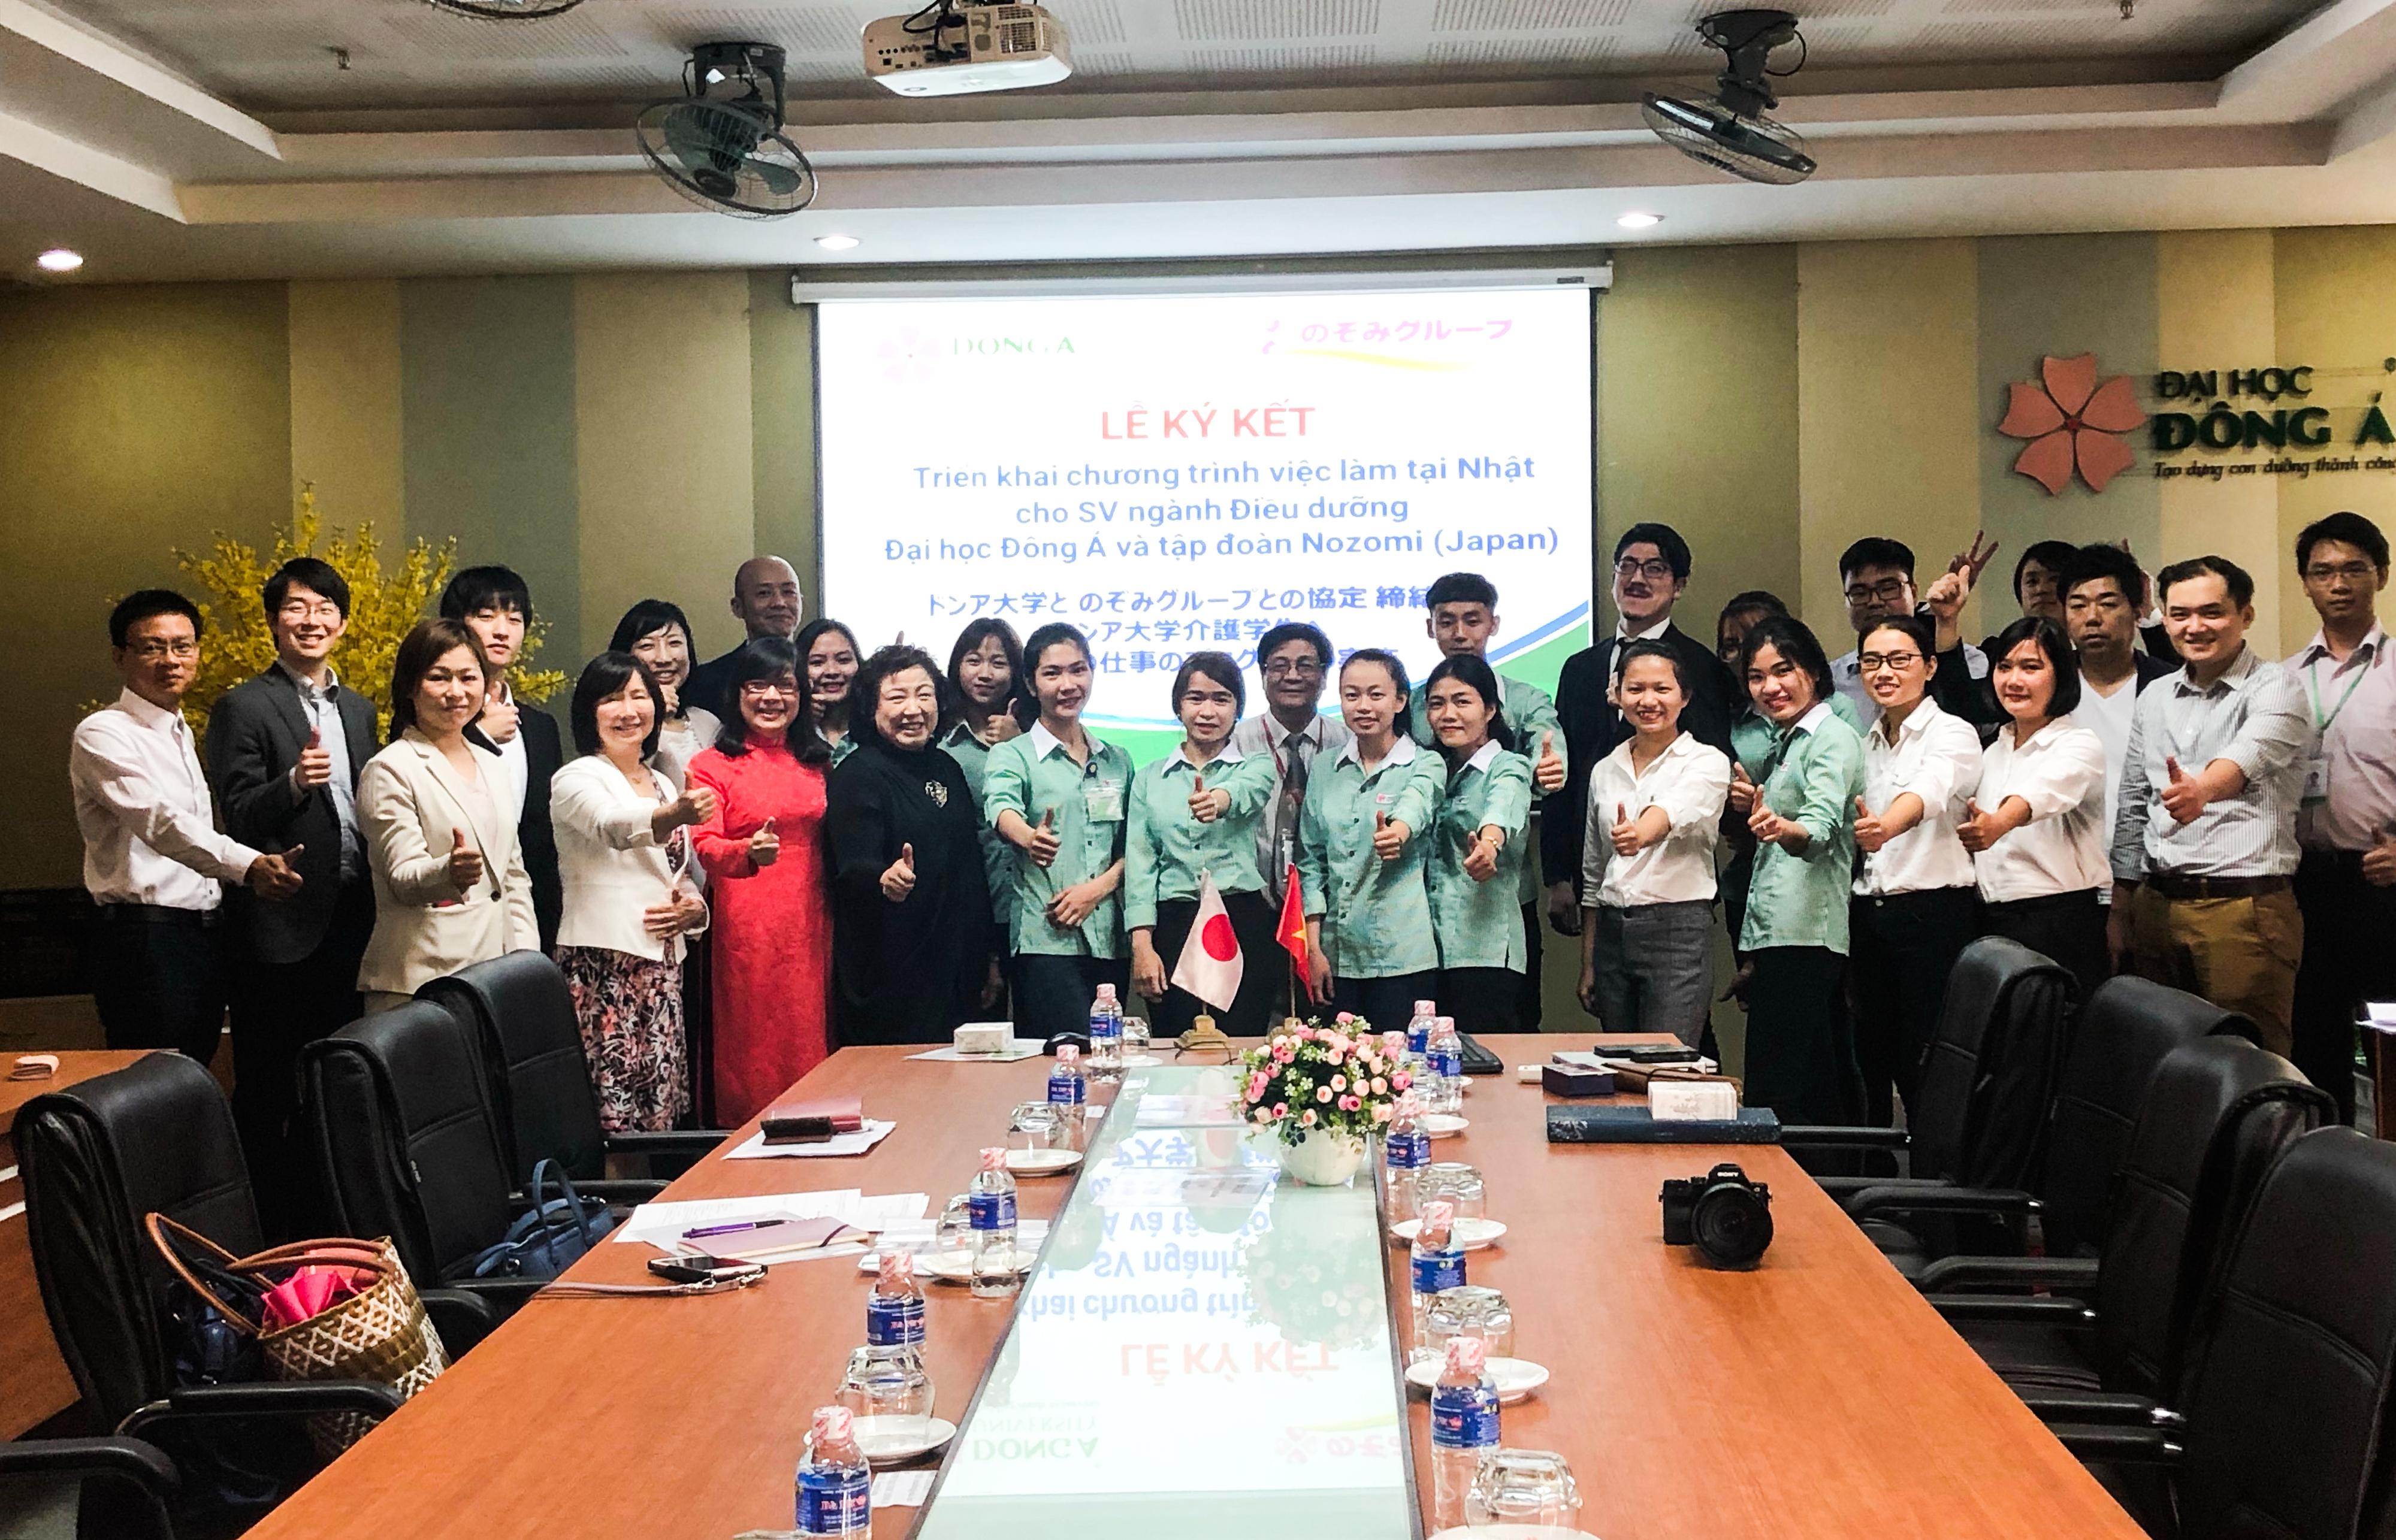 ĐH Đông Á tạo dựng cơ hội cuộc đời cho sinh viên  - Ảnh 6